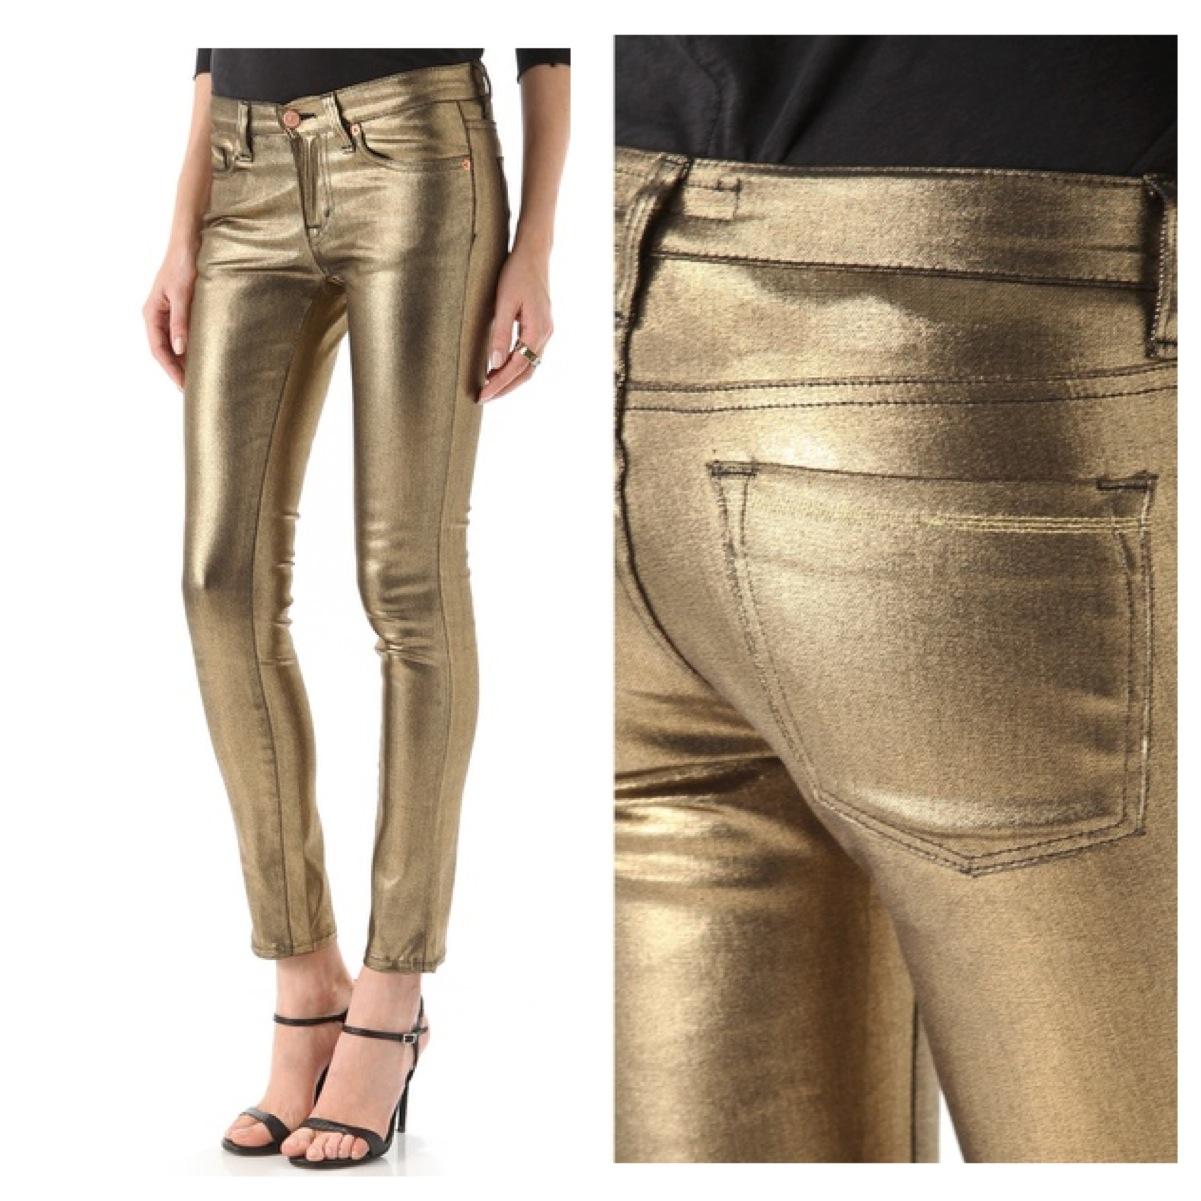 Washborn :: Skinny Coated Jeans | iRok Fashion